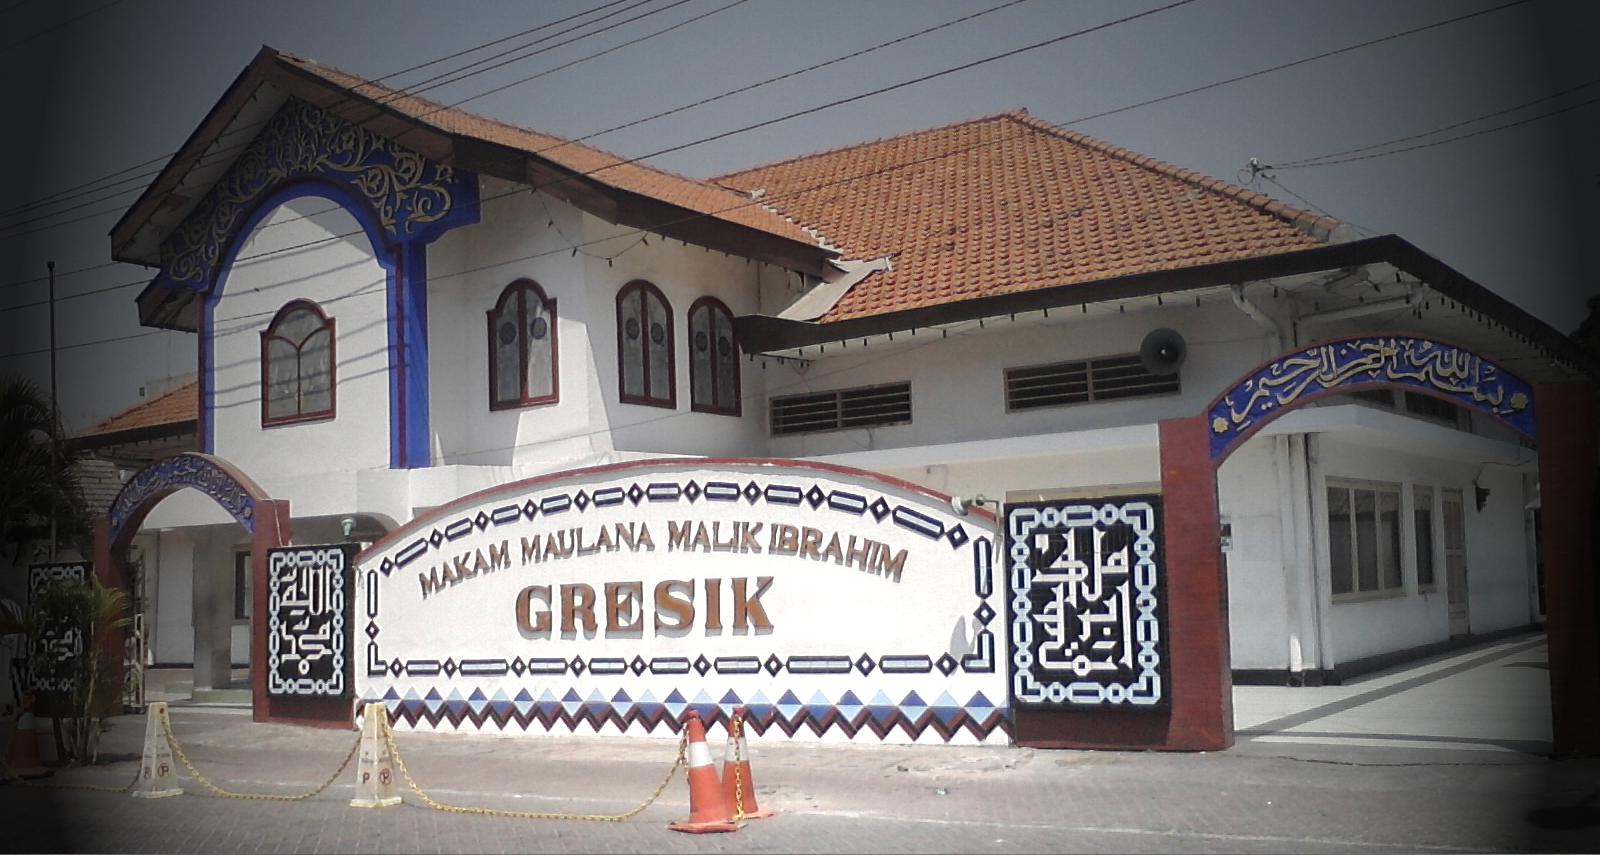 Makam Maulana Malik Ibrahim di Gresik